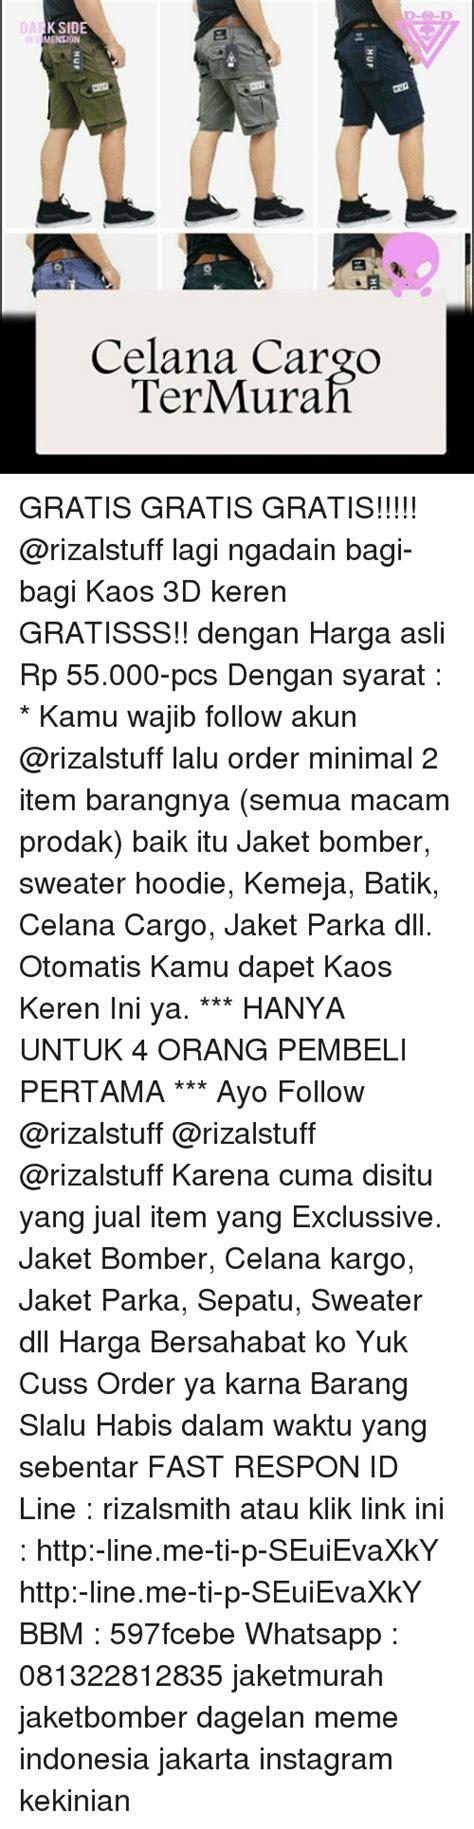 Jual Kaos 3d Keren Kekinian Singa 25 best memes about meme indonesia meme indonesia memes